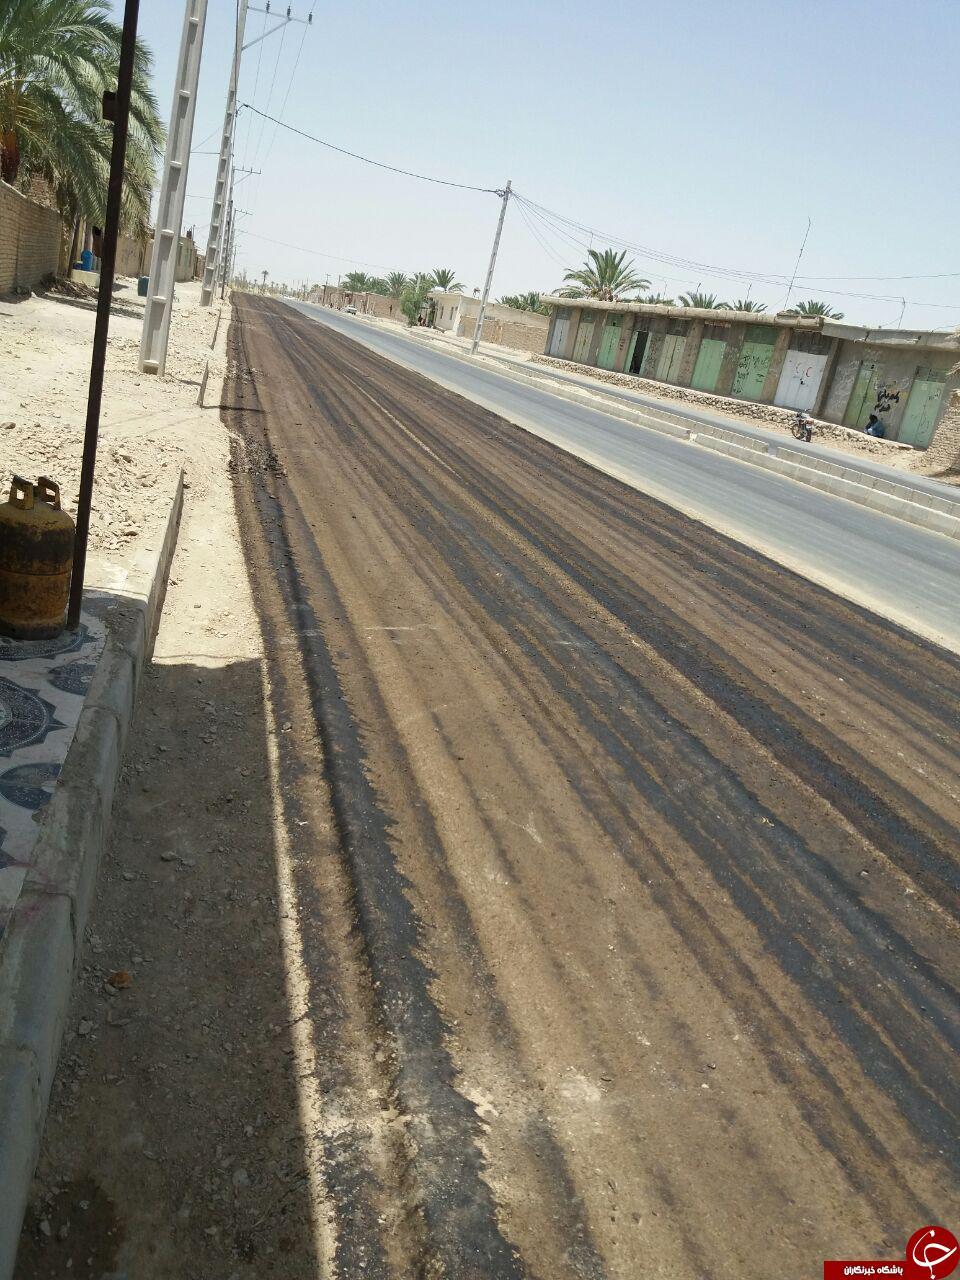 وضعیت نامناسب جاده کهن ملک + تصاویر